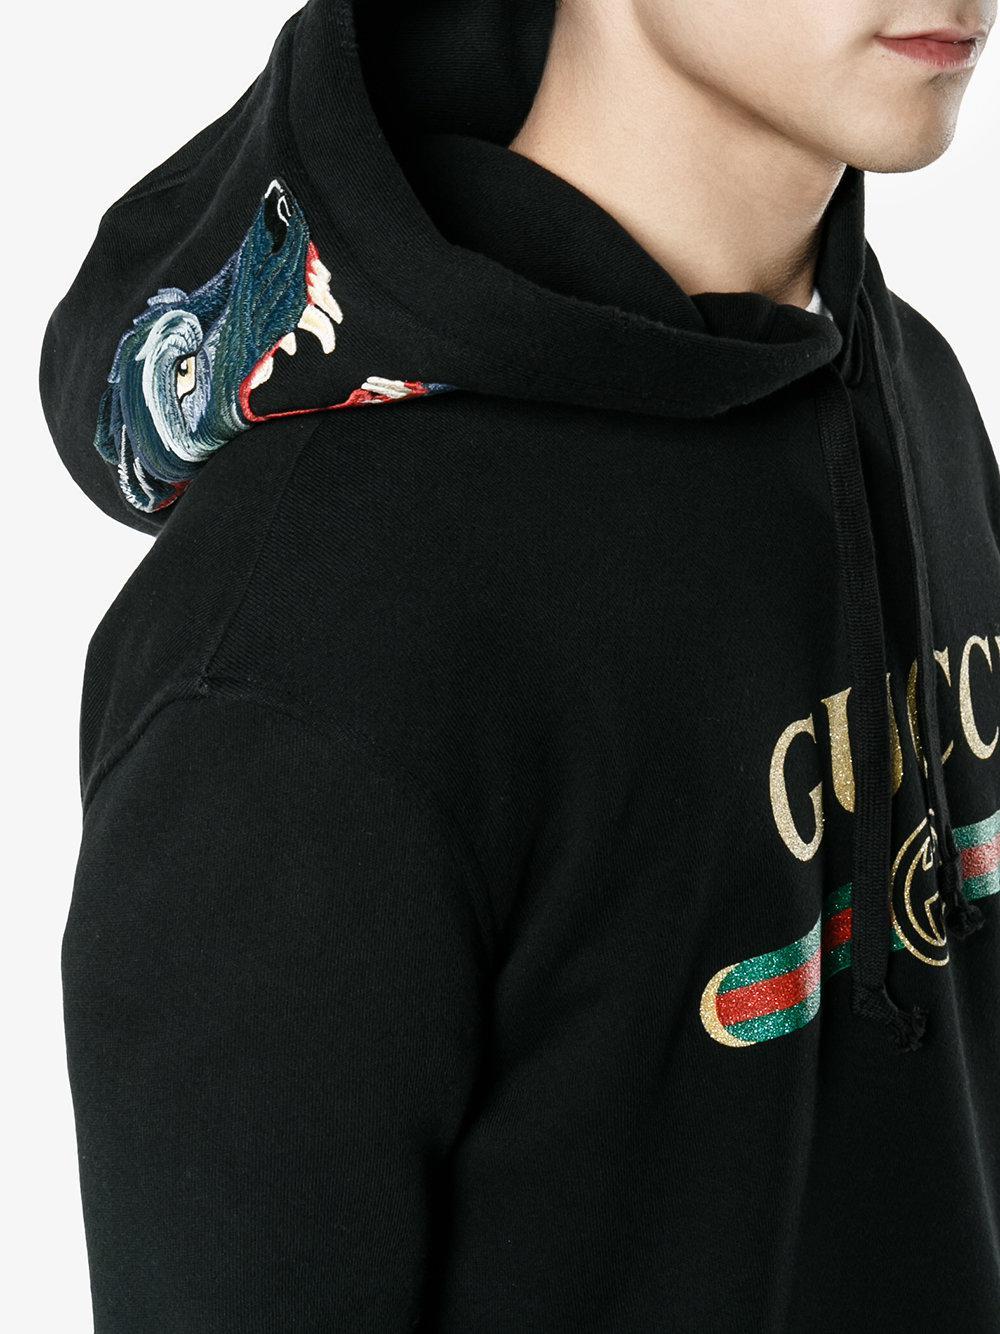 49b8c623a48 Lyst - Gucci Felpa Con Lupo Ricamato in Black for Men